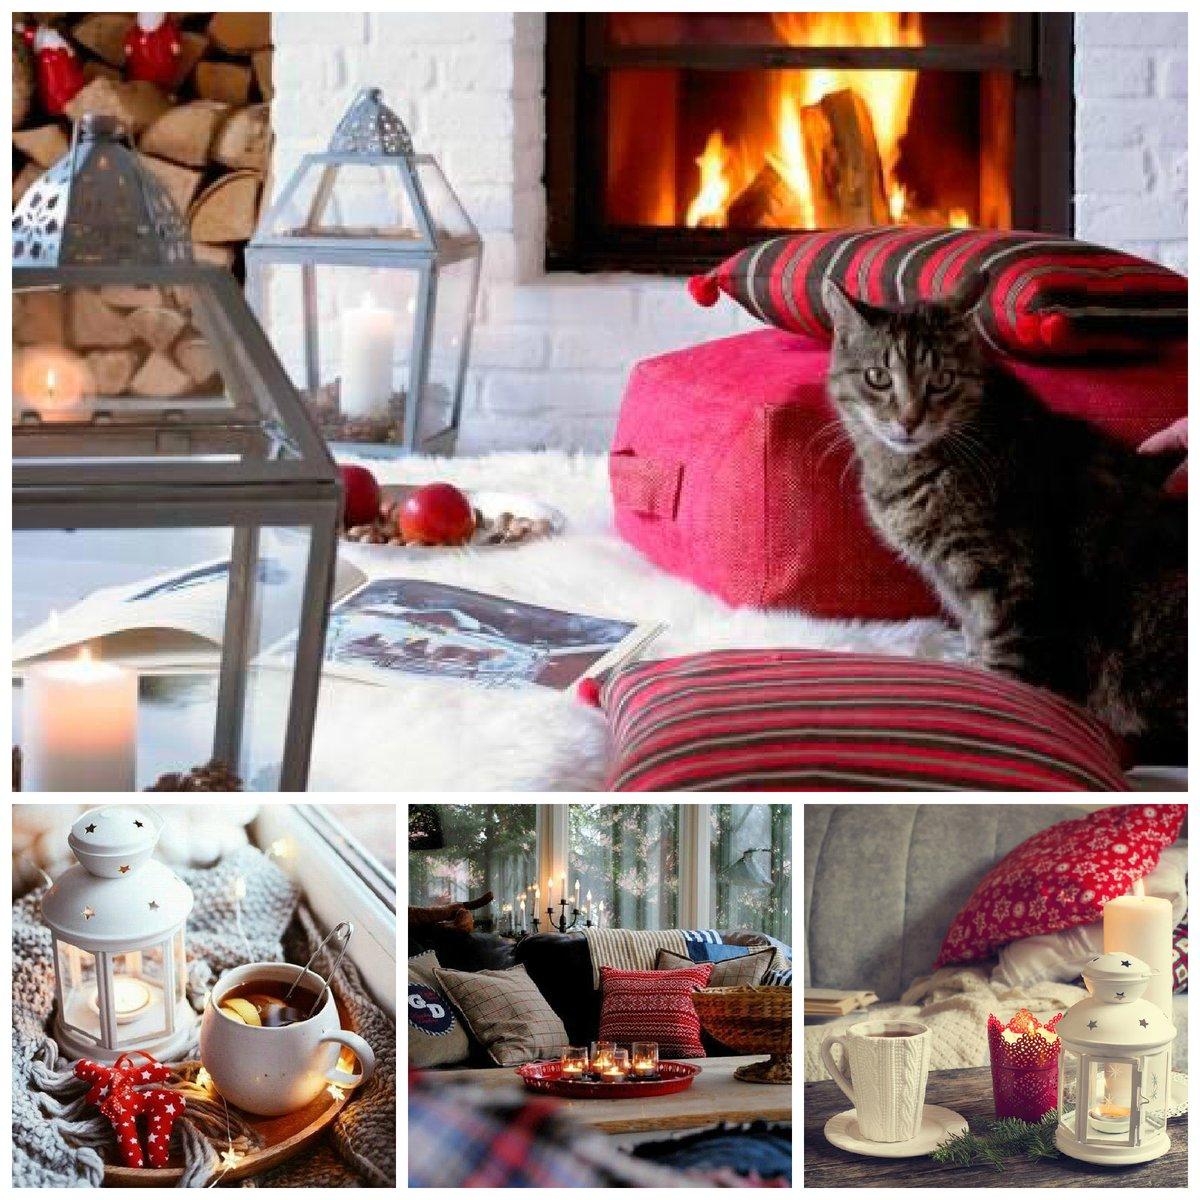 Картинки уютного зимнего вечера в кругу семьи